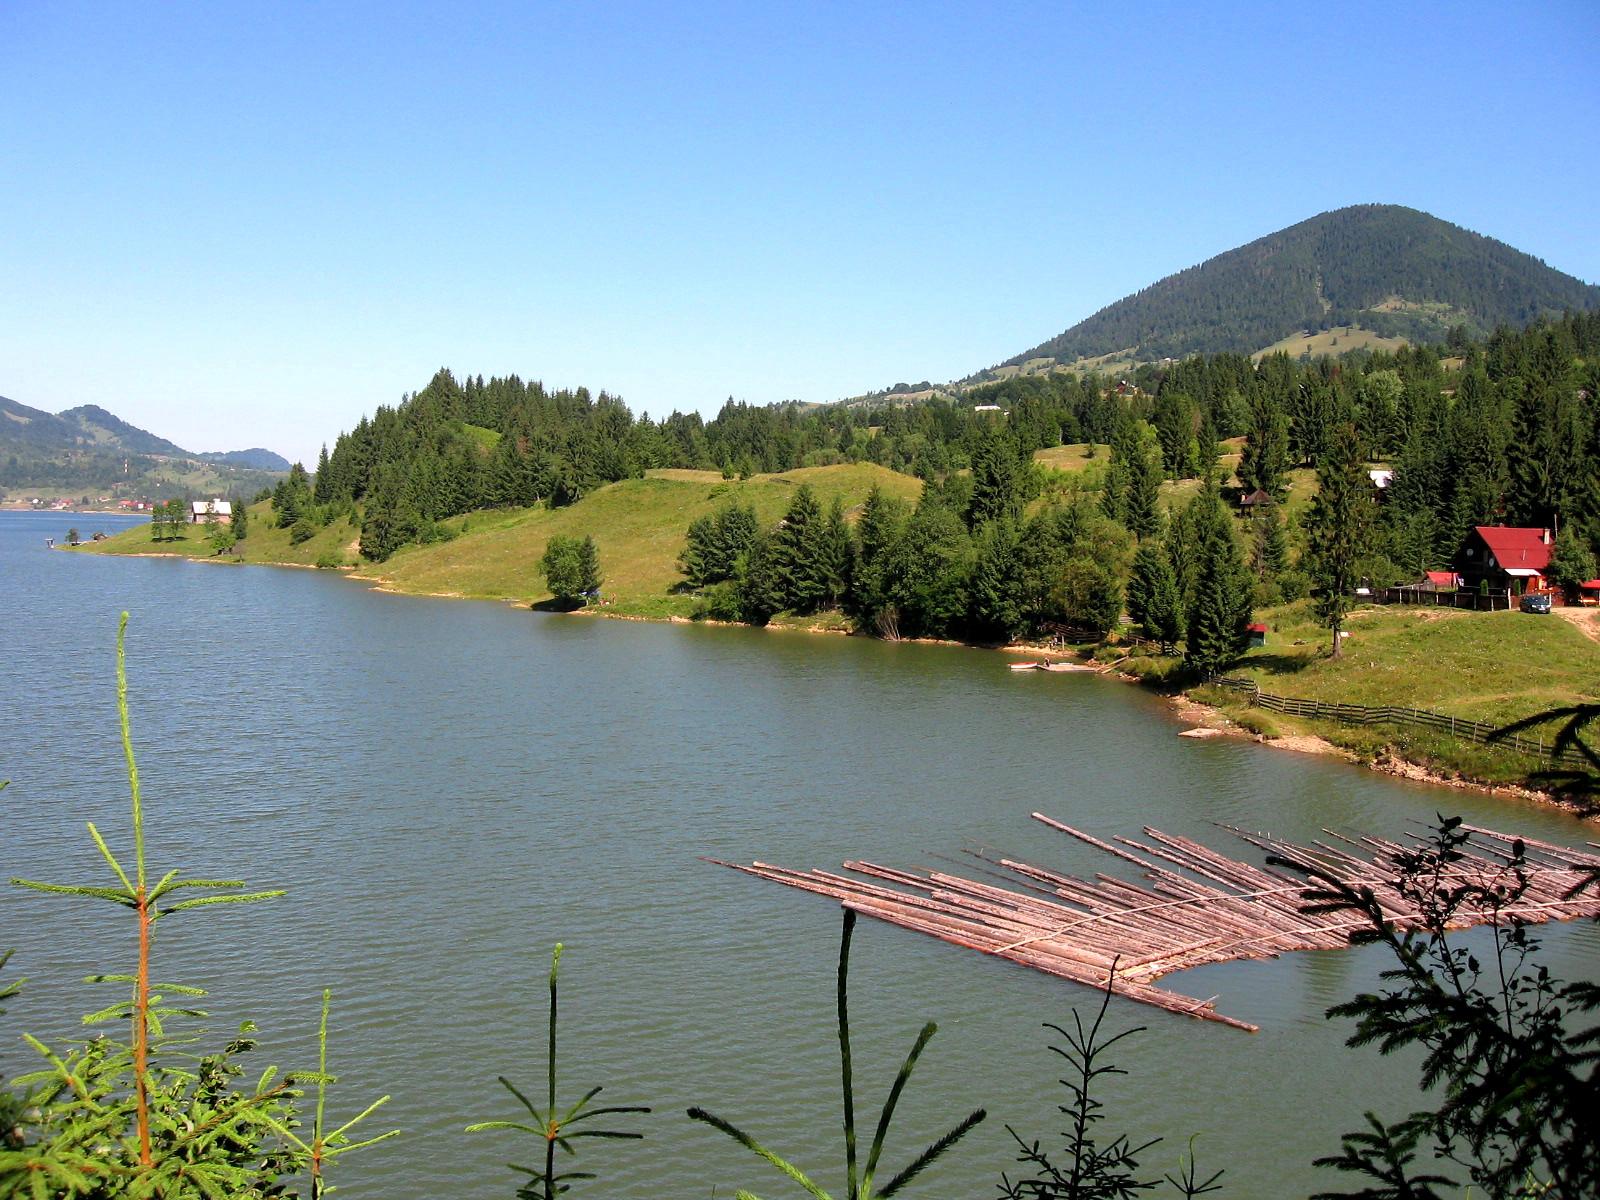 Lacul Colibita